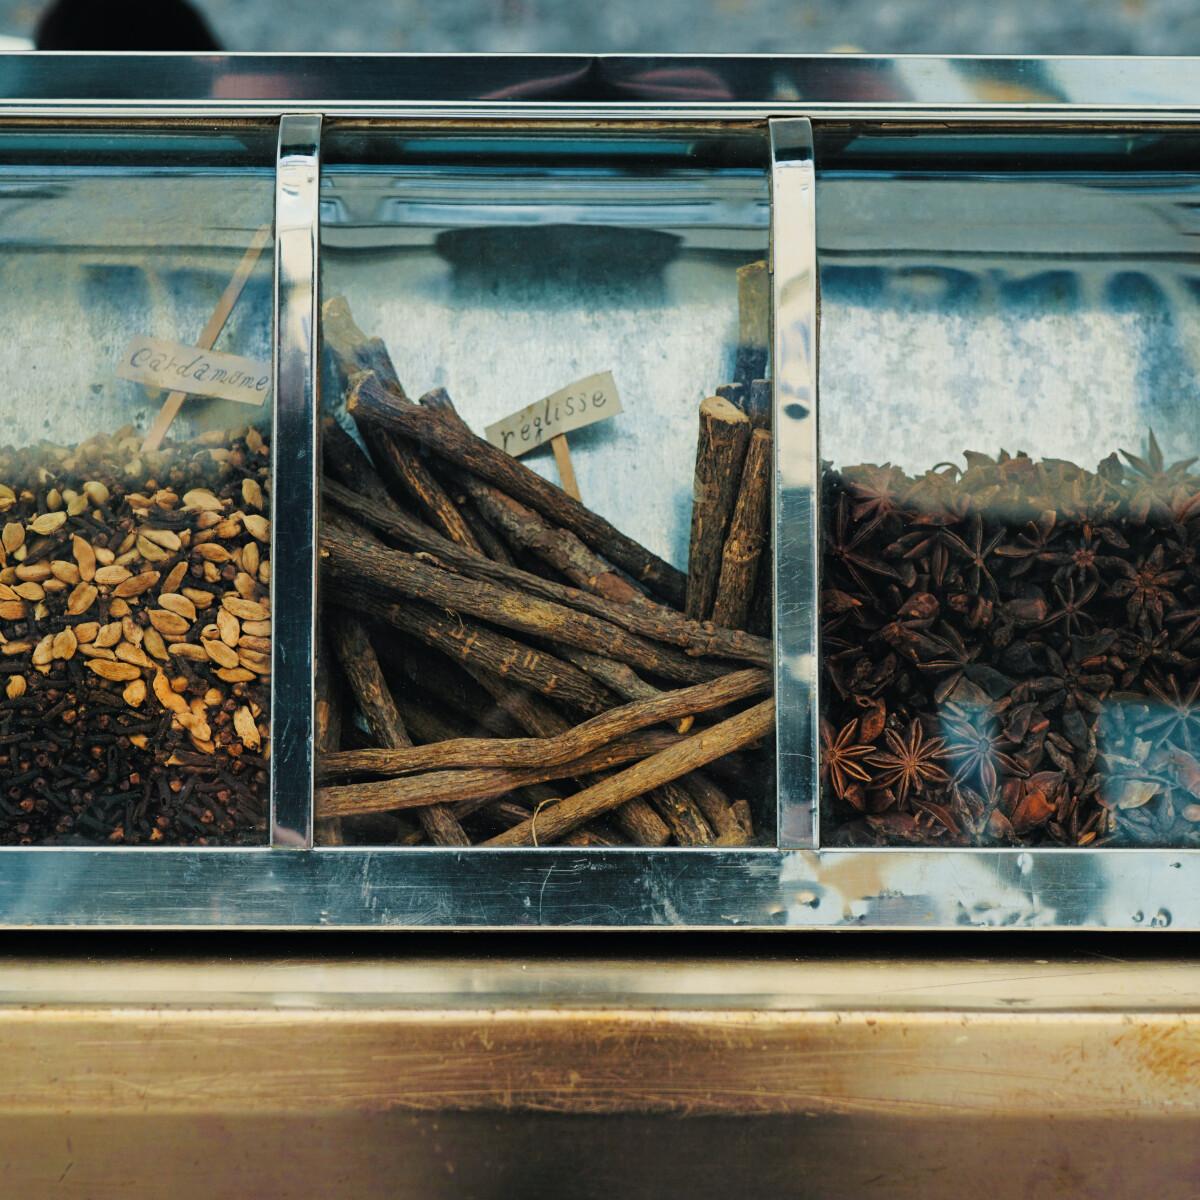 FŰSZERepben 4. rész – Nem hittük volna, hogy a kínai és a magyar fűszerespolc ennyi mindenben hasonlít